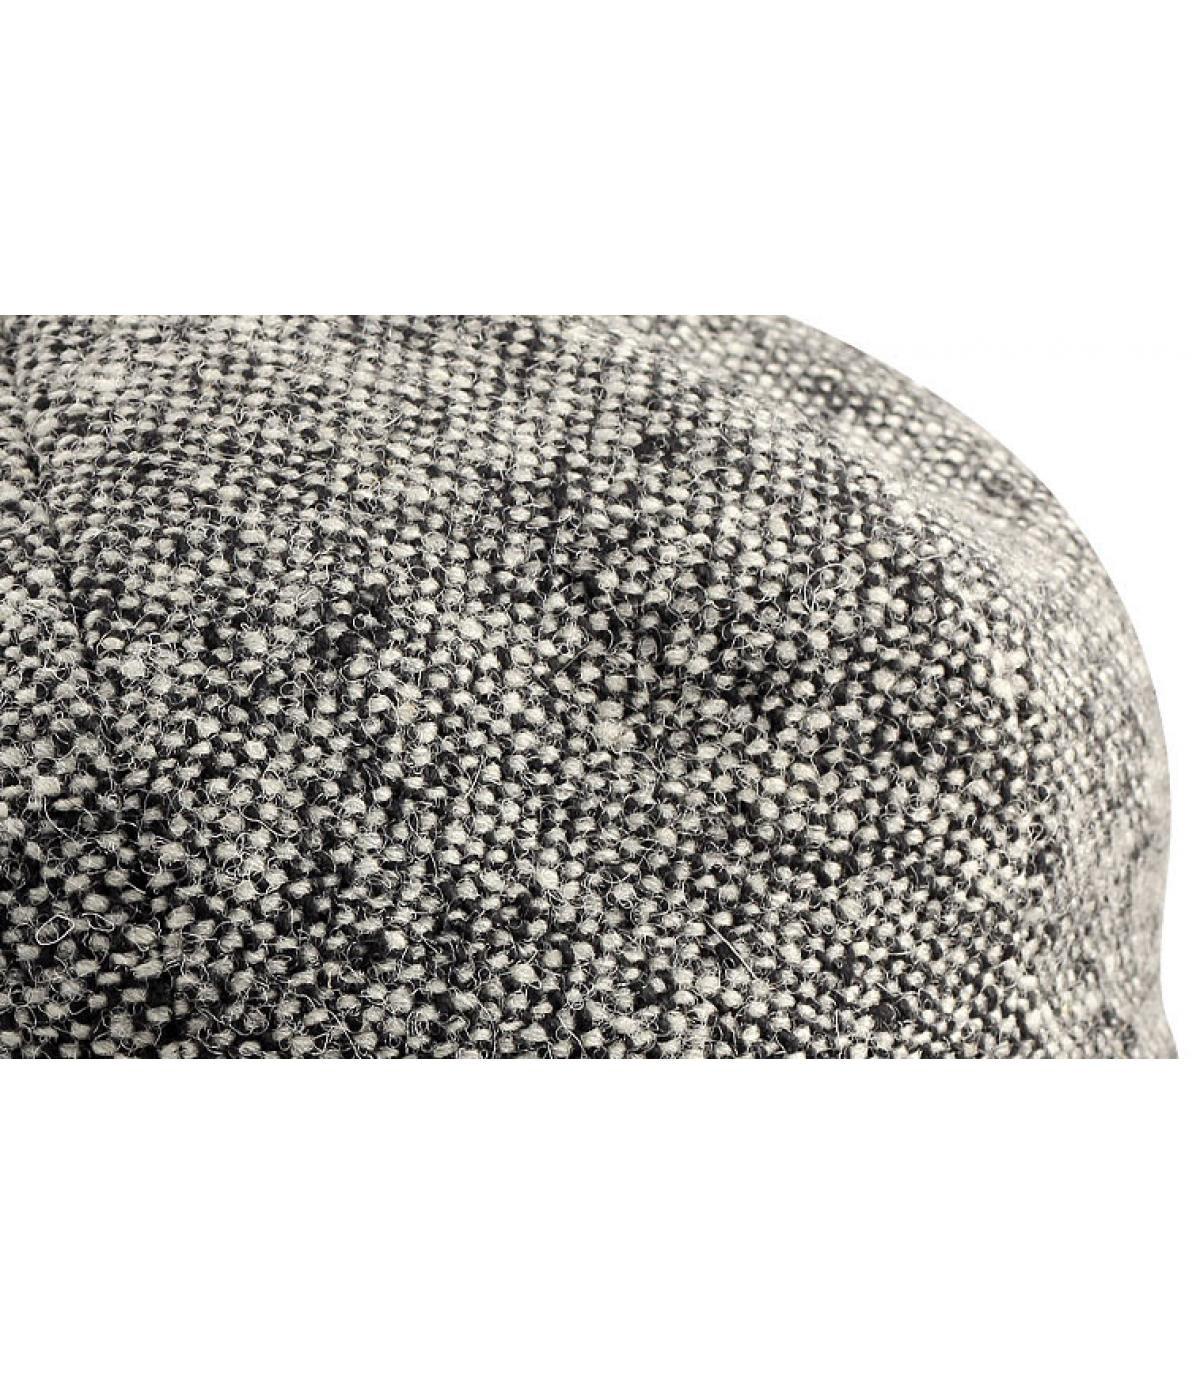 Berretto coppola grigio